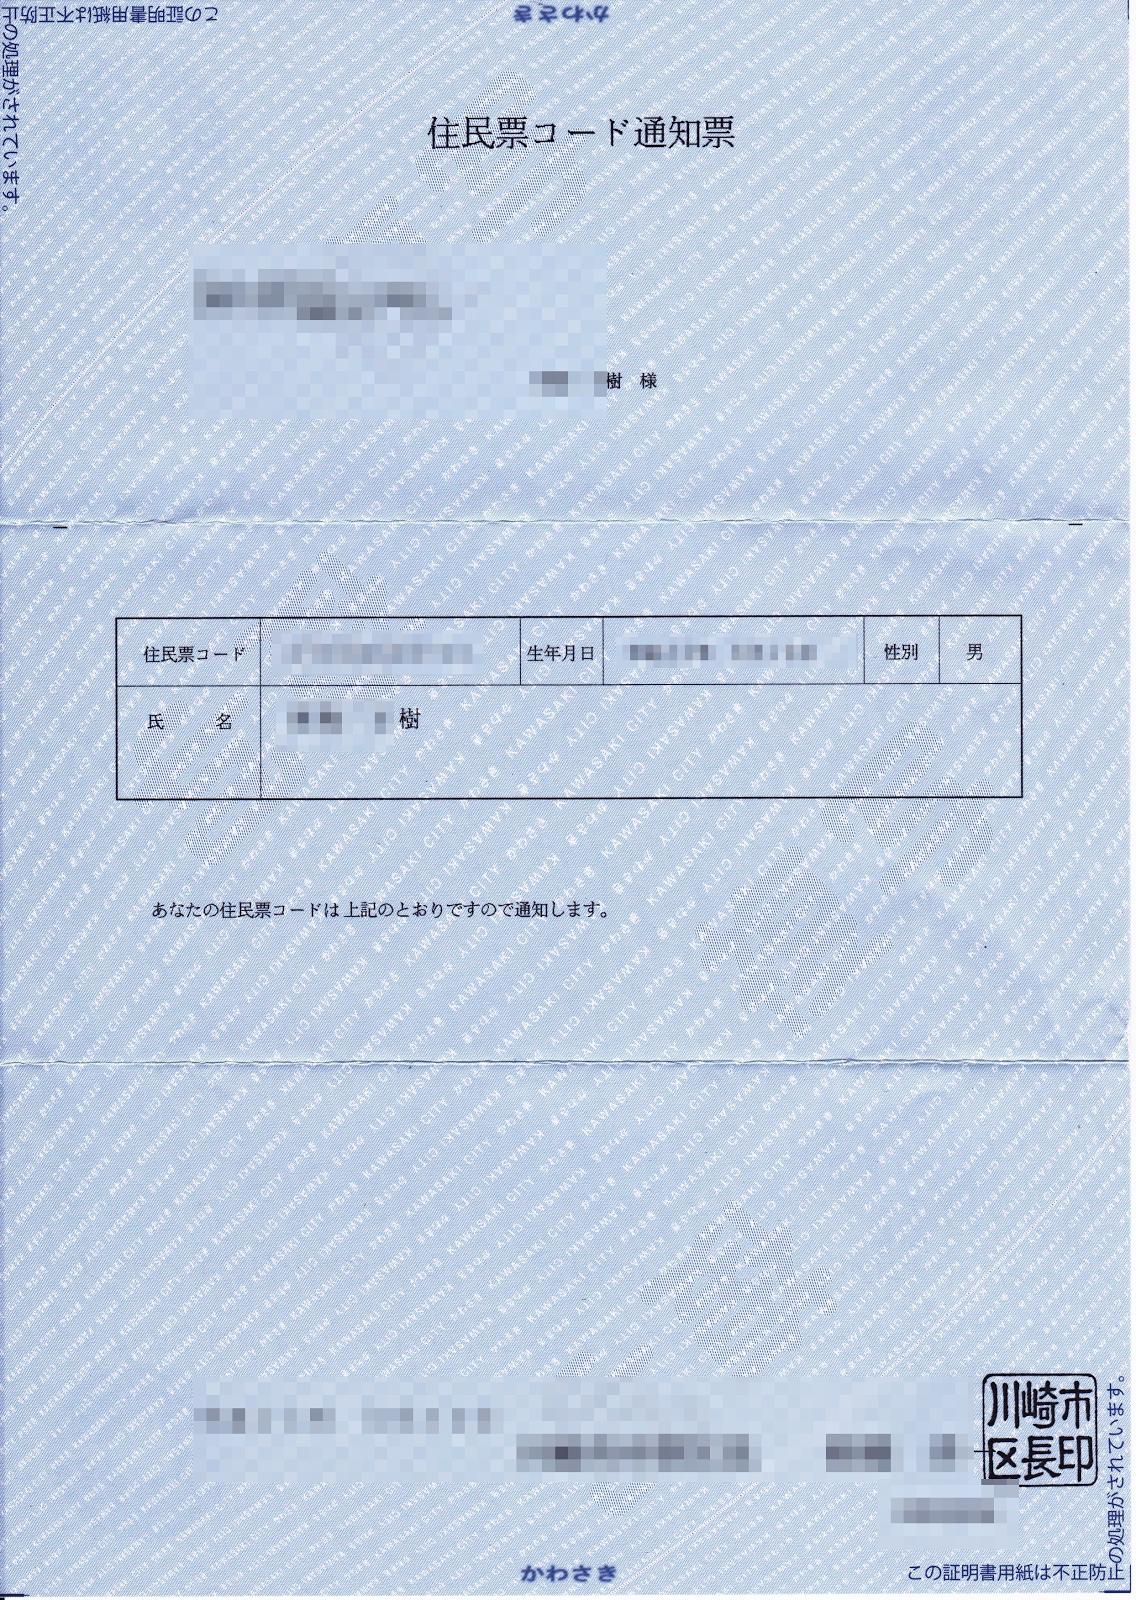 ナンバー コード マイ 住民 票